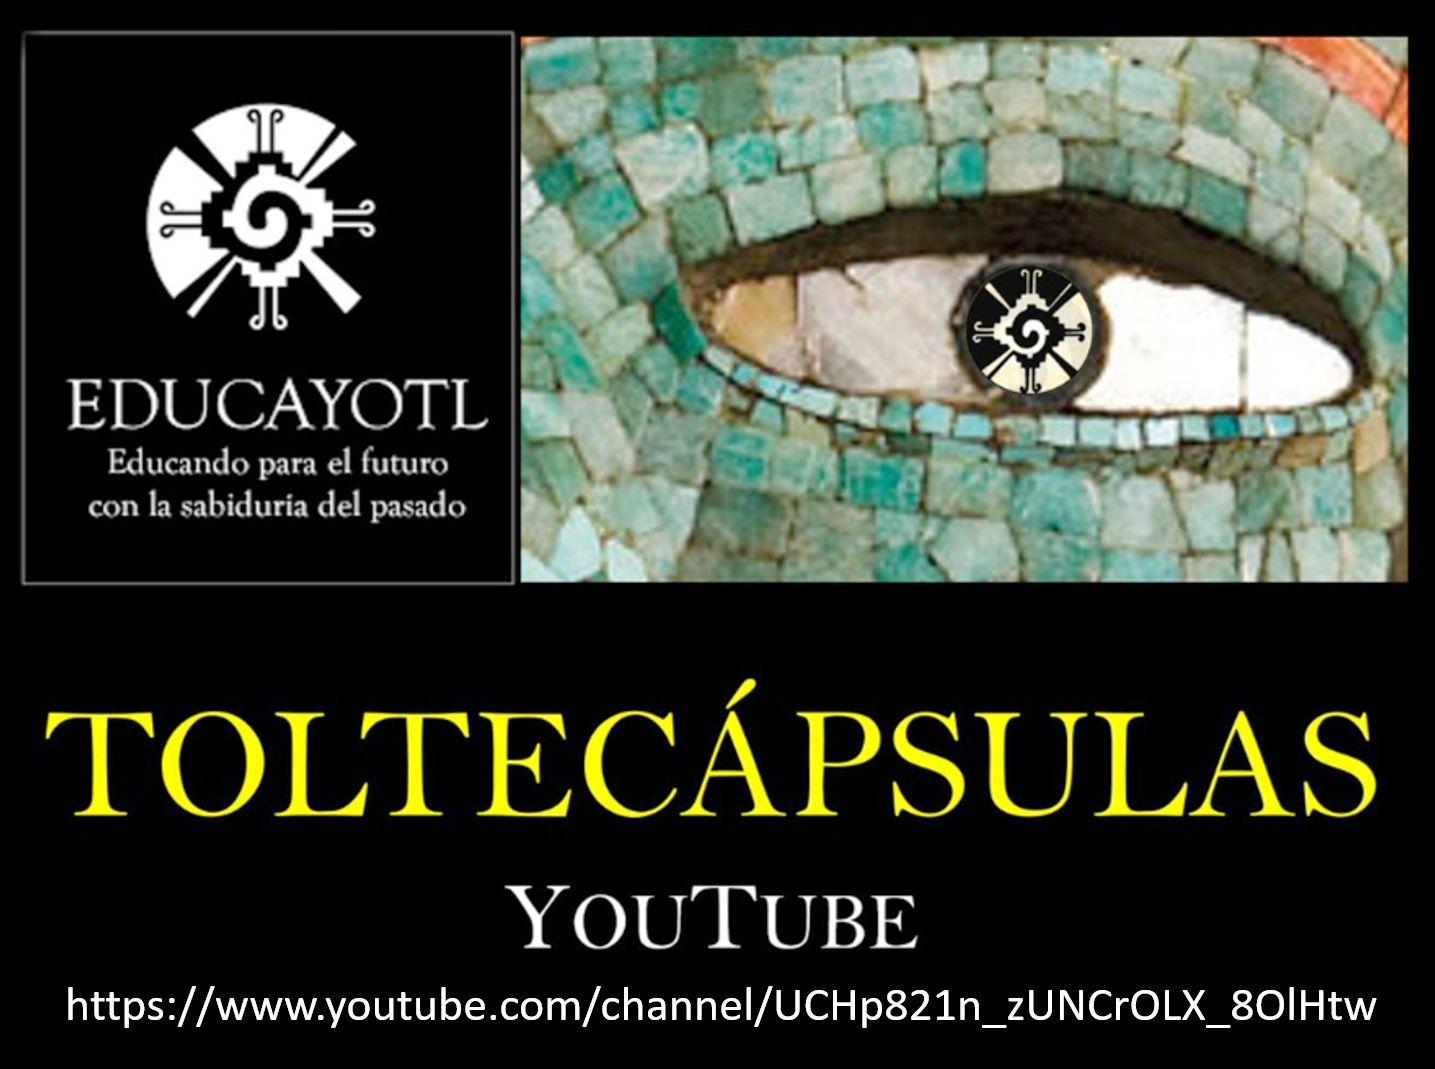 CONOCER LA HISTORIA ANCESTRAL A TRAVÉS DE VIDEOS